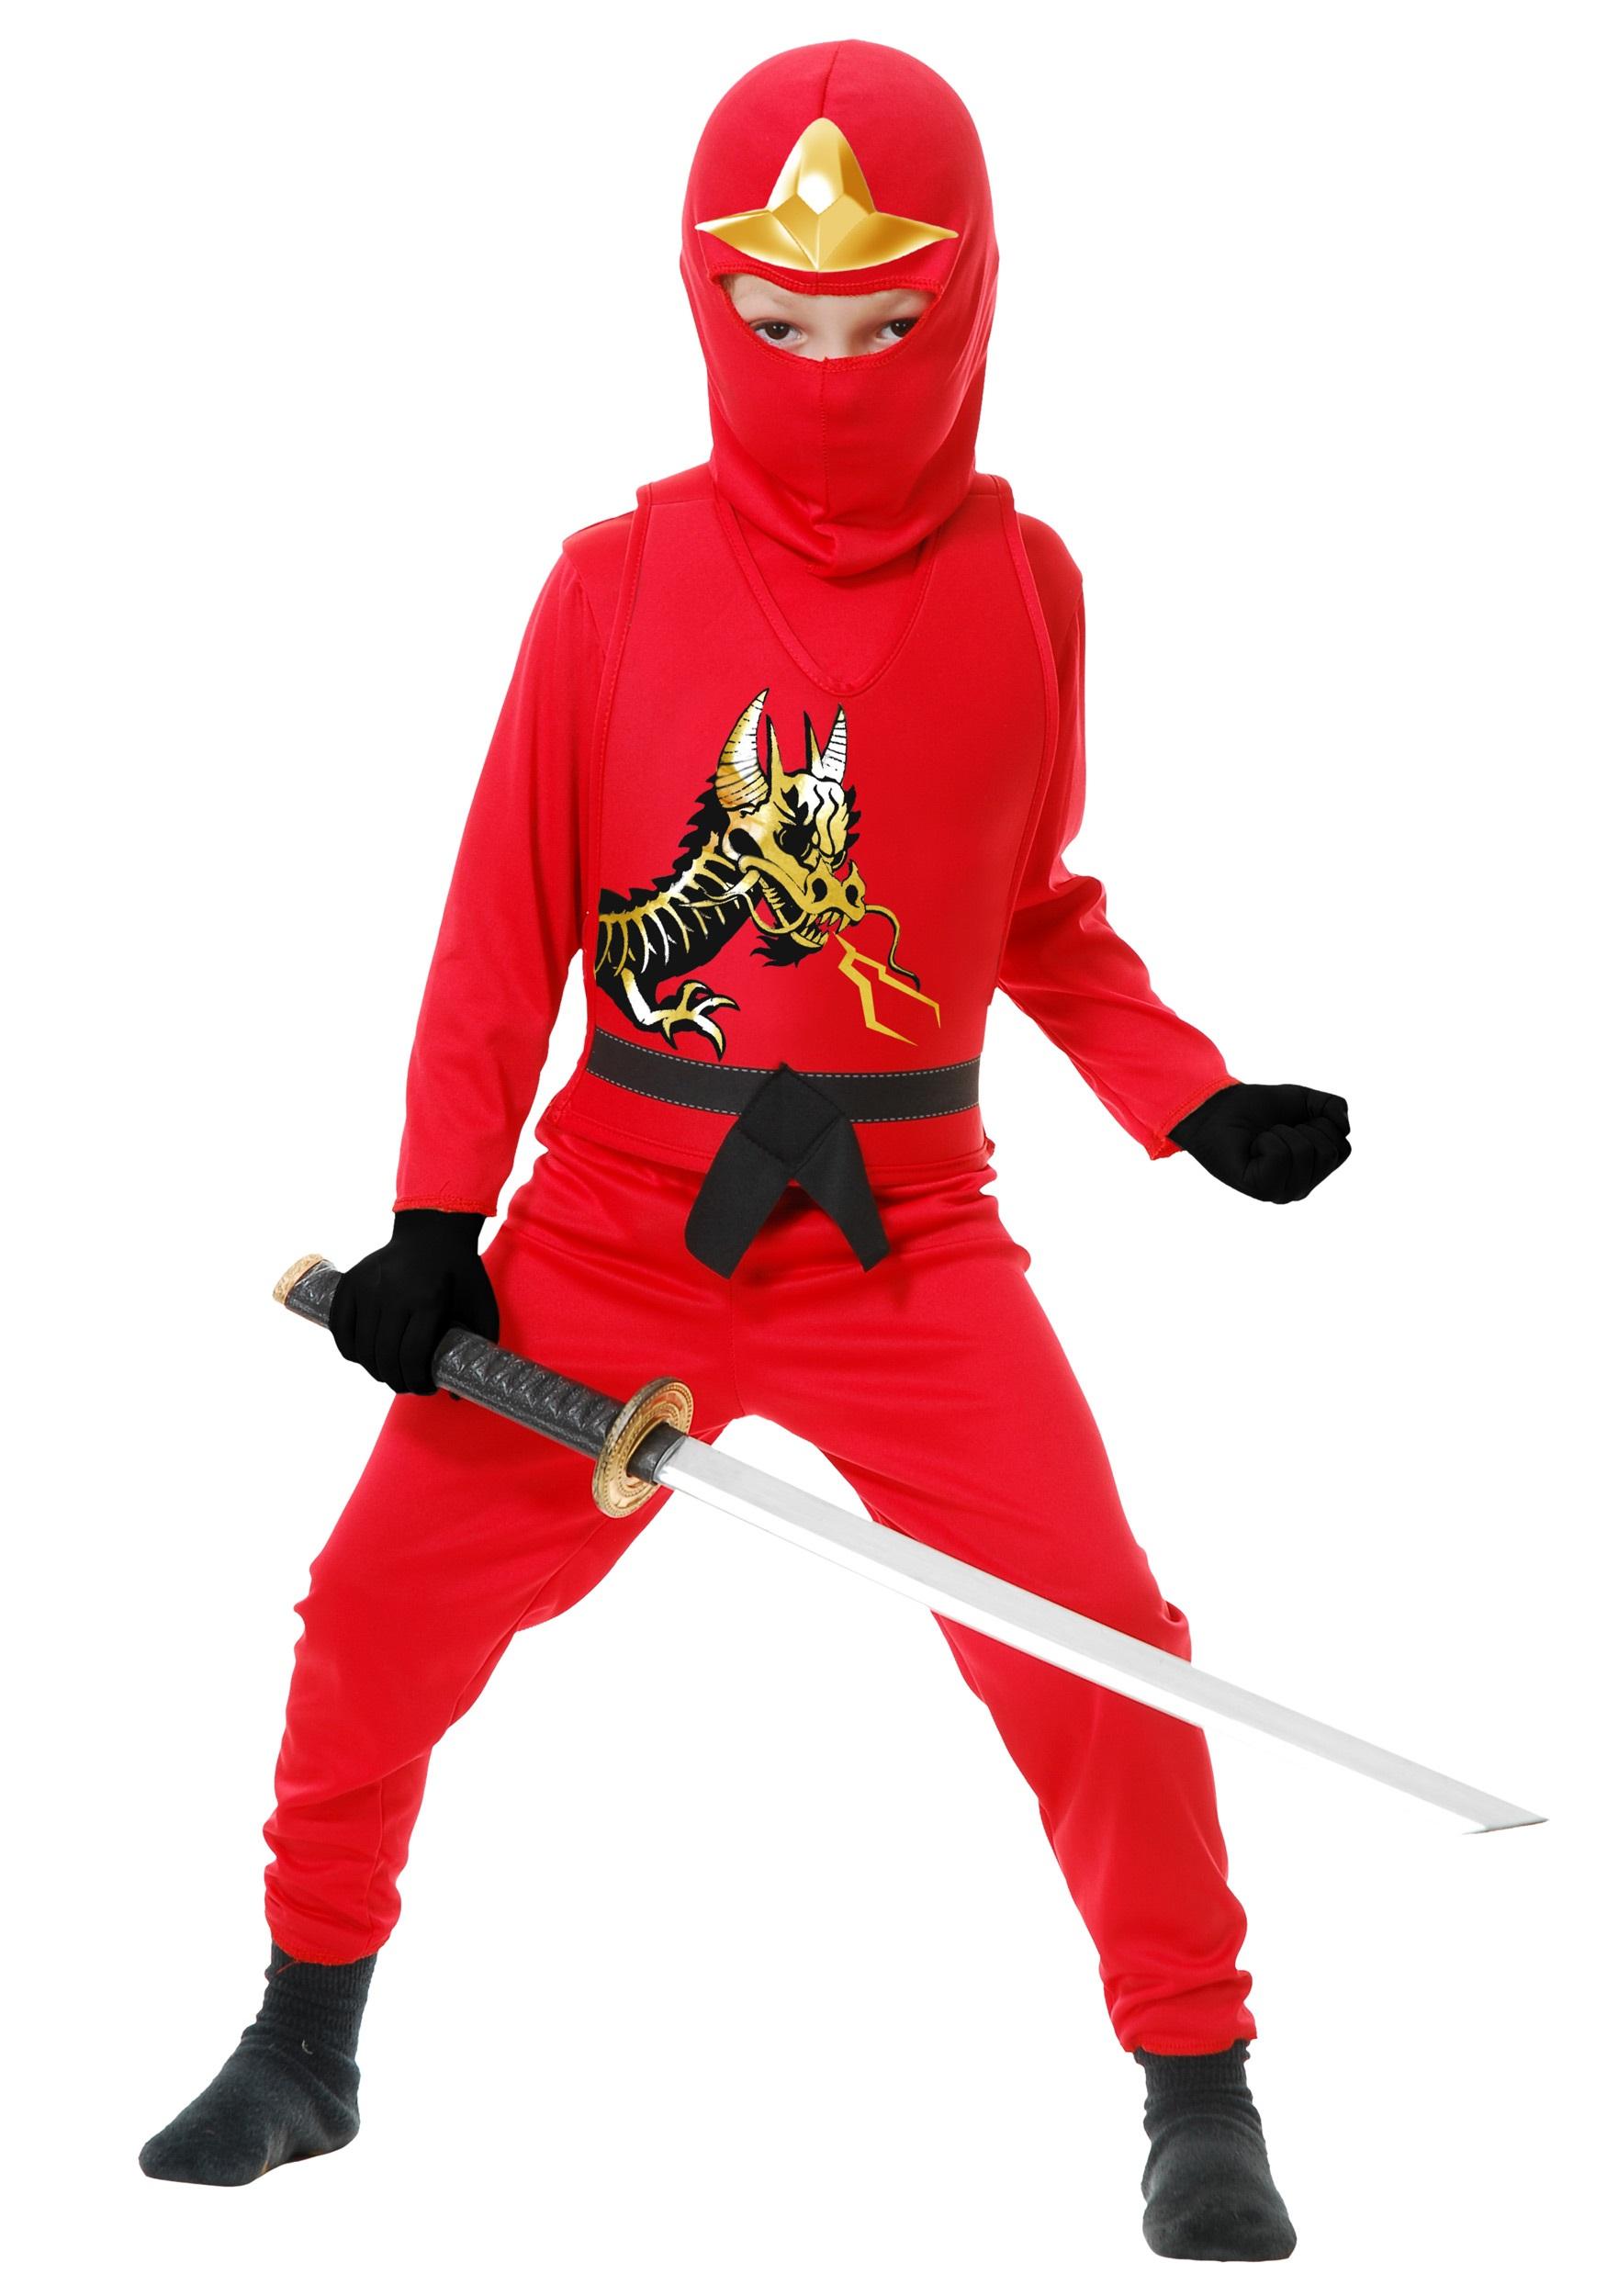 Child Ninja Avengers Series Ii Red Costume